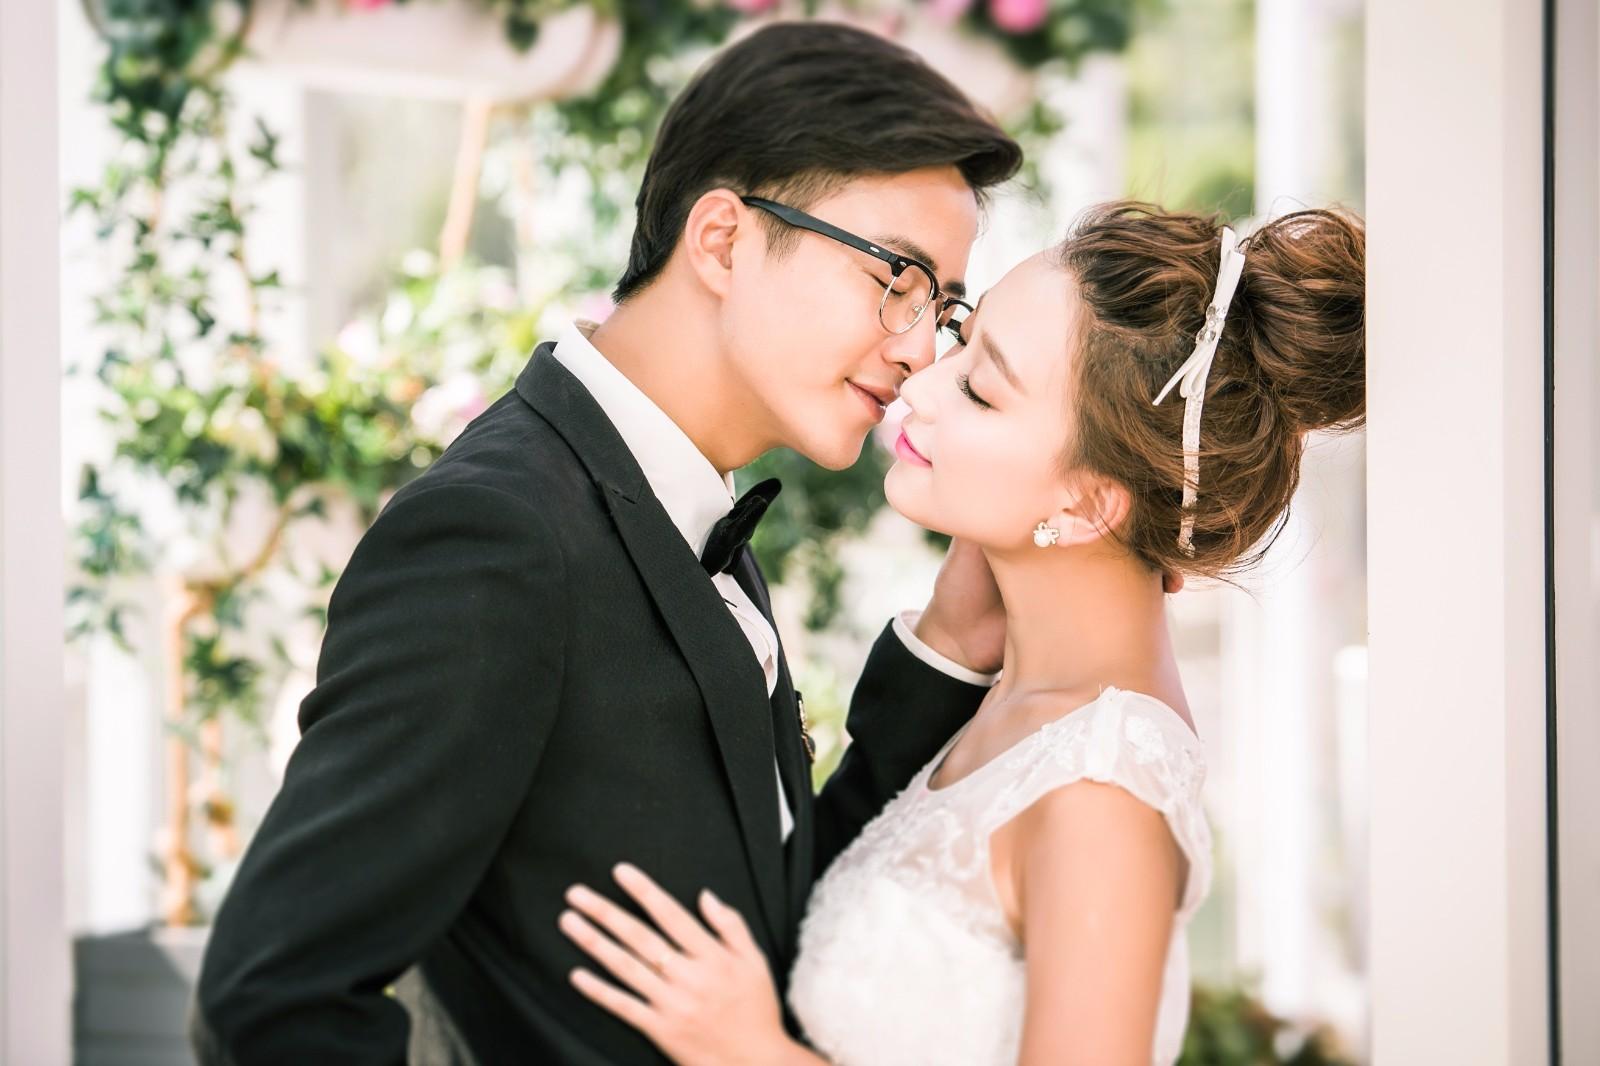 结婚证照片尺寸是多少,结婚证照片就是婚纱照吗?